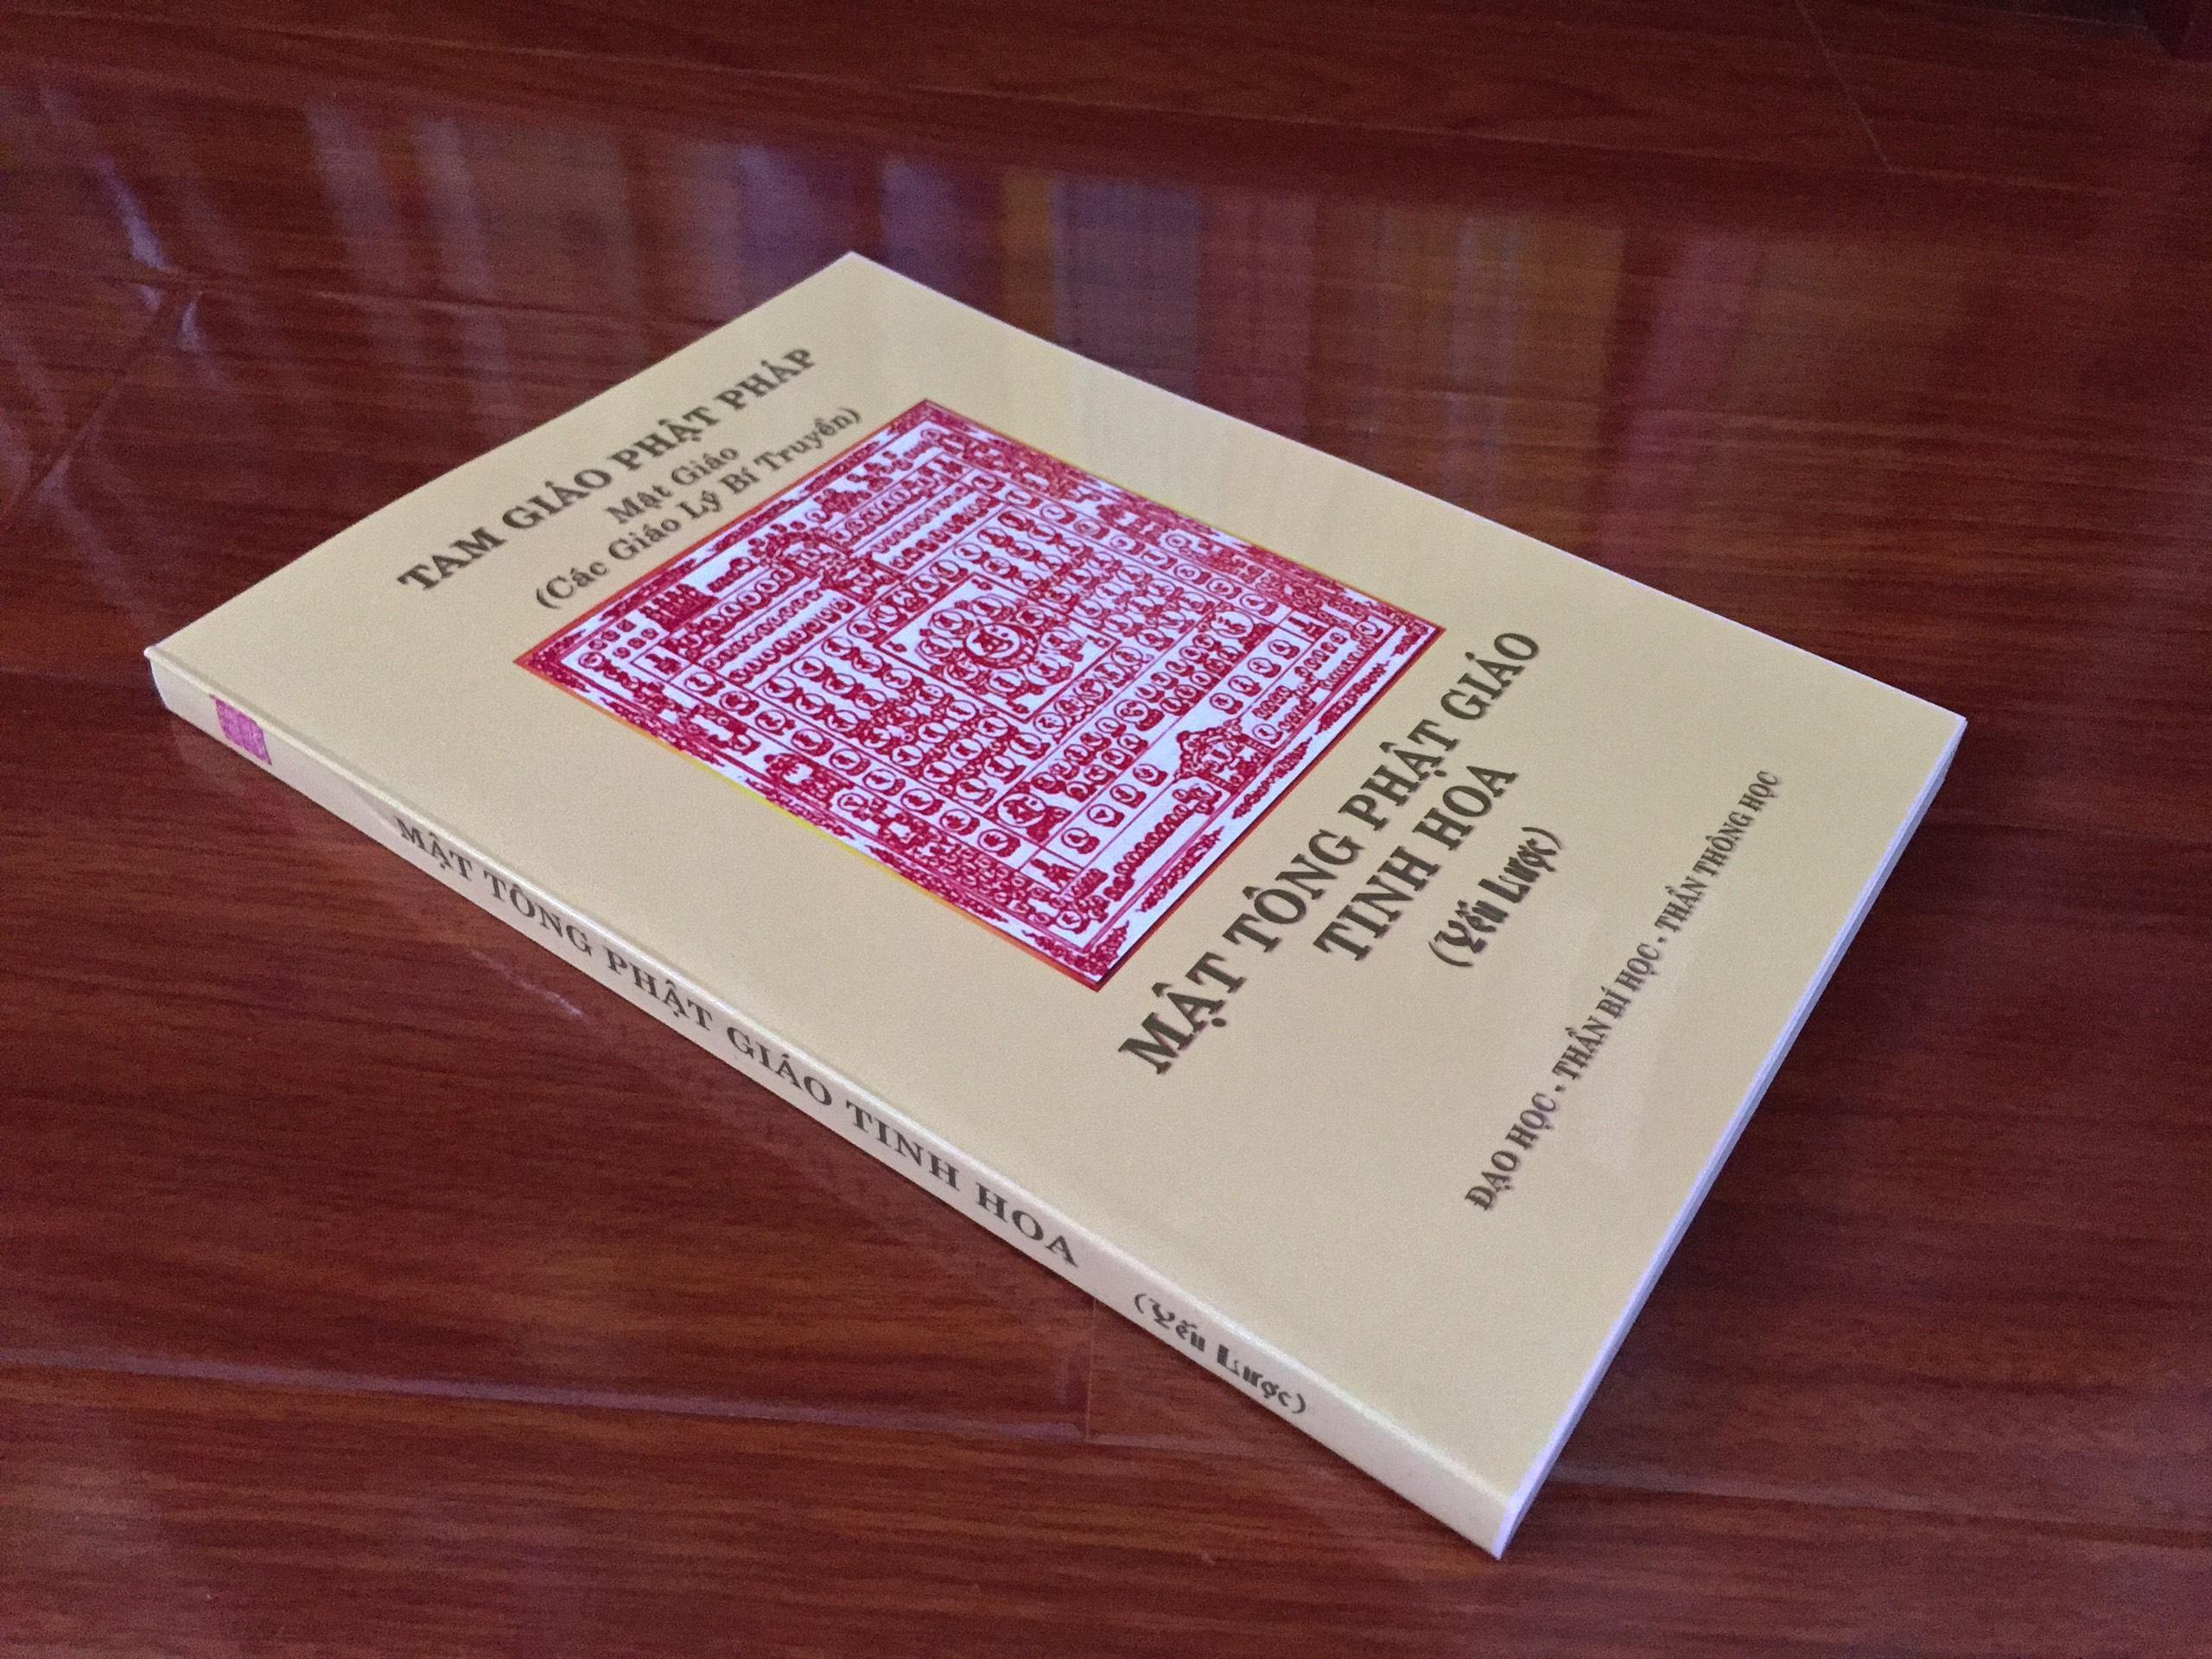 Mua Mật Tông Phật Giáo Tinh Hoa Yếu Lược – Cư Sĩ Triệu Phước